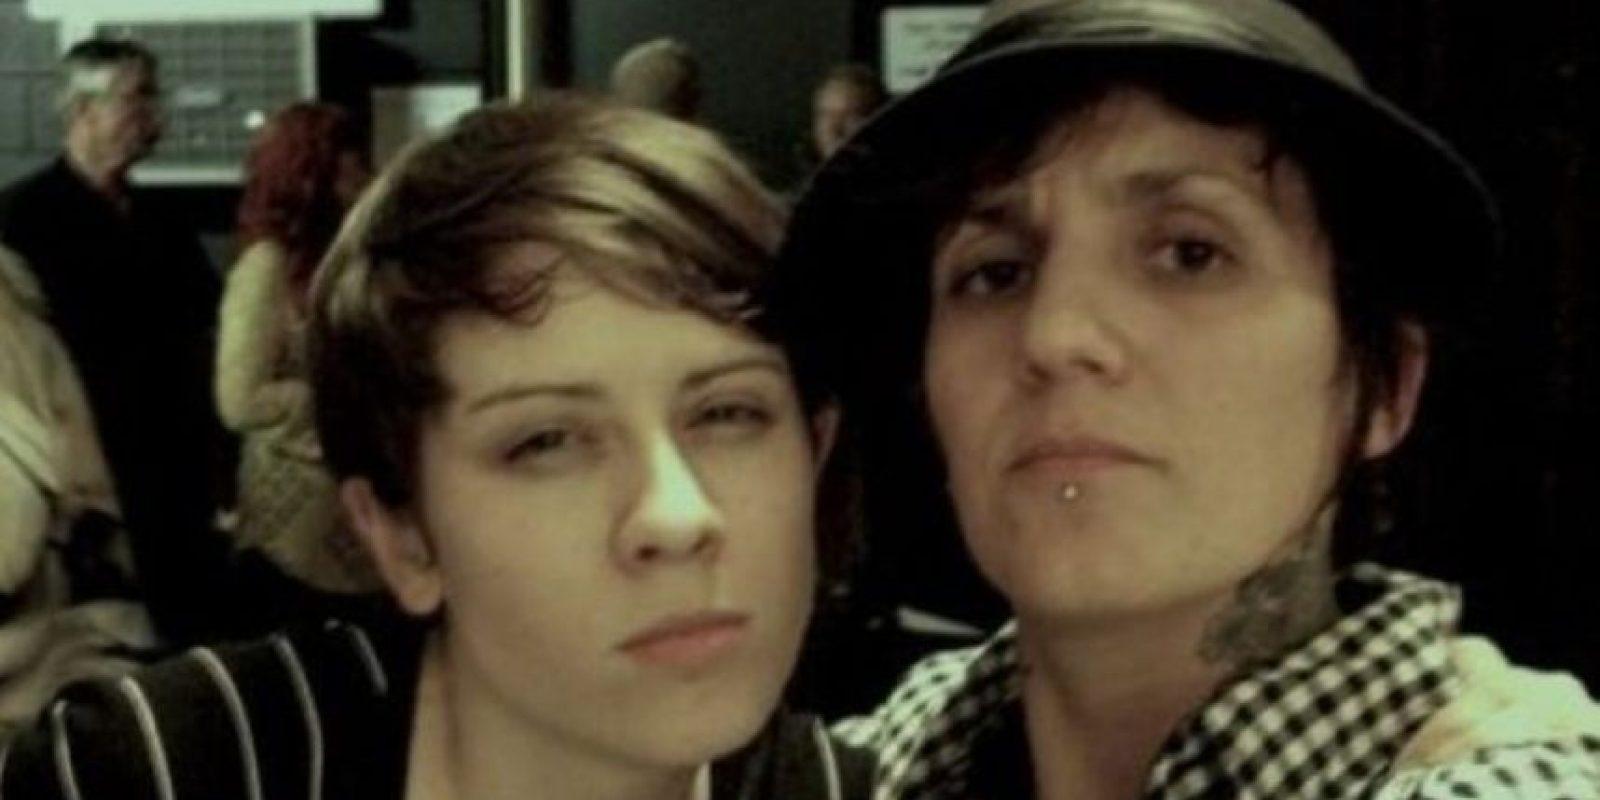 5. Lucas Silveira –la mujer de la derecha con el sombrero fedora– vivió siendo lesbiana durante muchos años. Foto:Vía Twitter